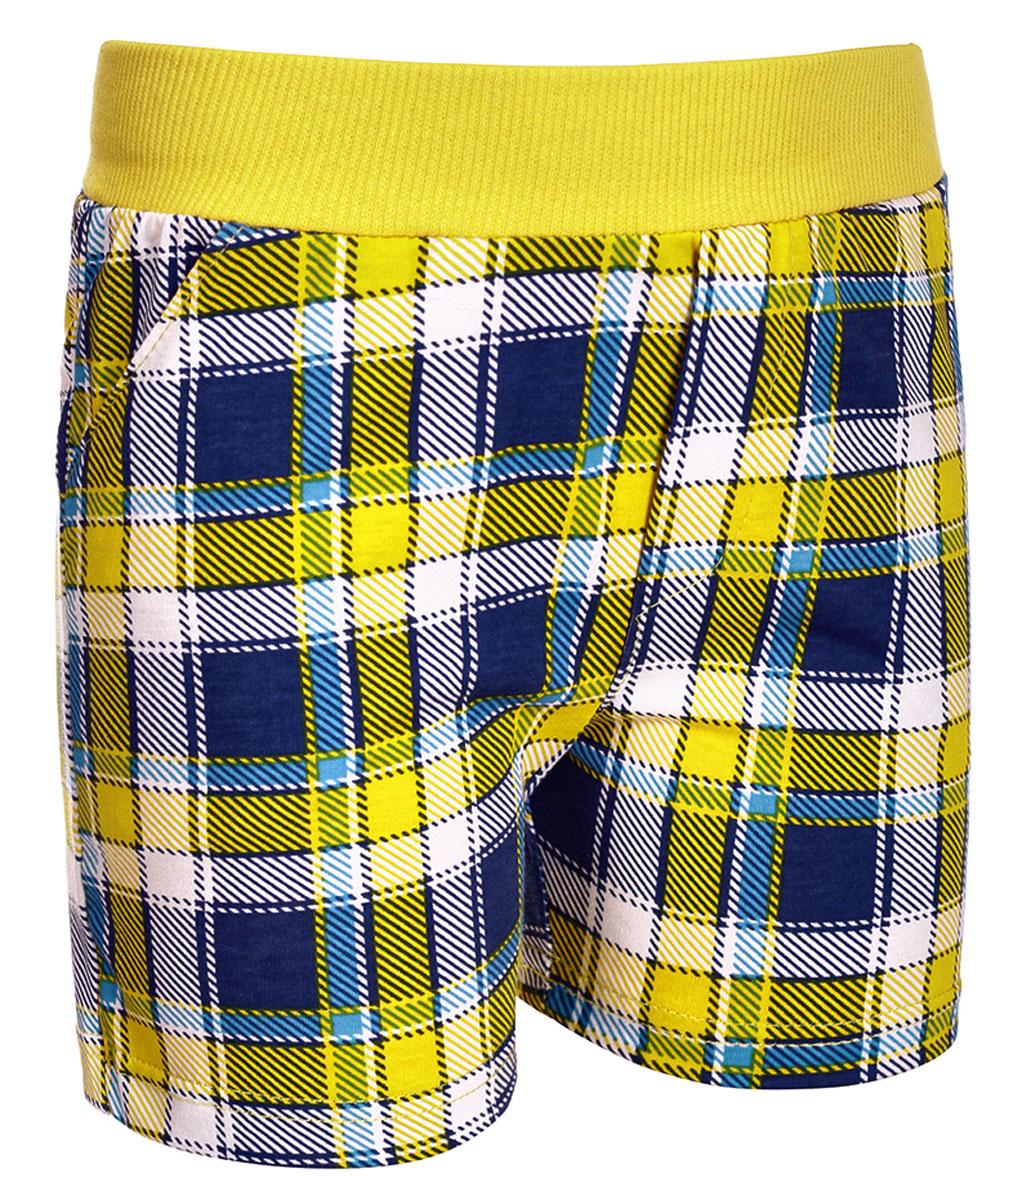 Шорты для мальчика M&D, цвет: желтый, темно-синий, белый. М37802. Размер 104М37802Шорты для мальчика от M&D выполнены из натурального хлопка и оформлены оригинальным принтом. Модель имеет эластичные пояс на талии. По бокам расположены втачные карманы.